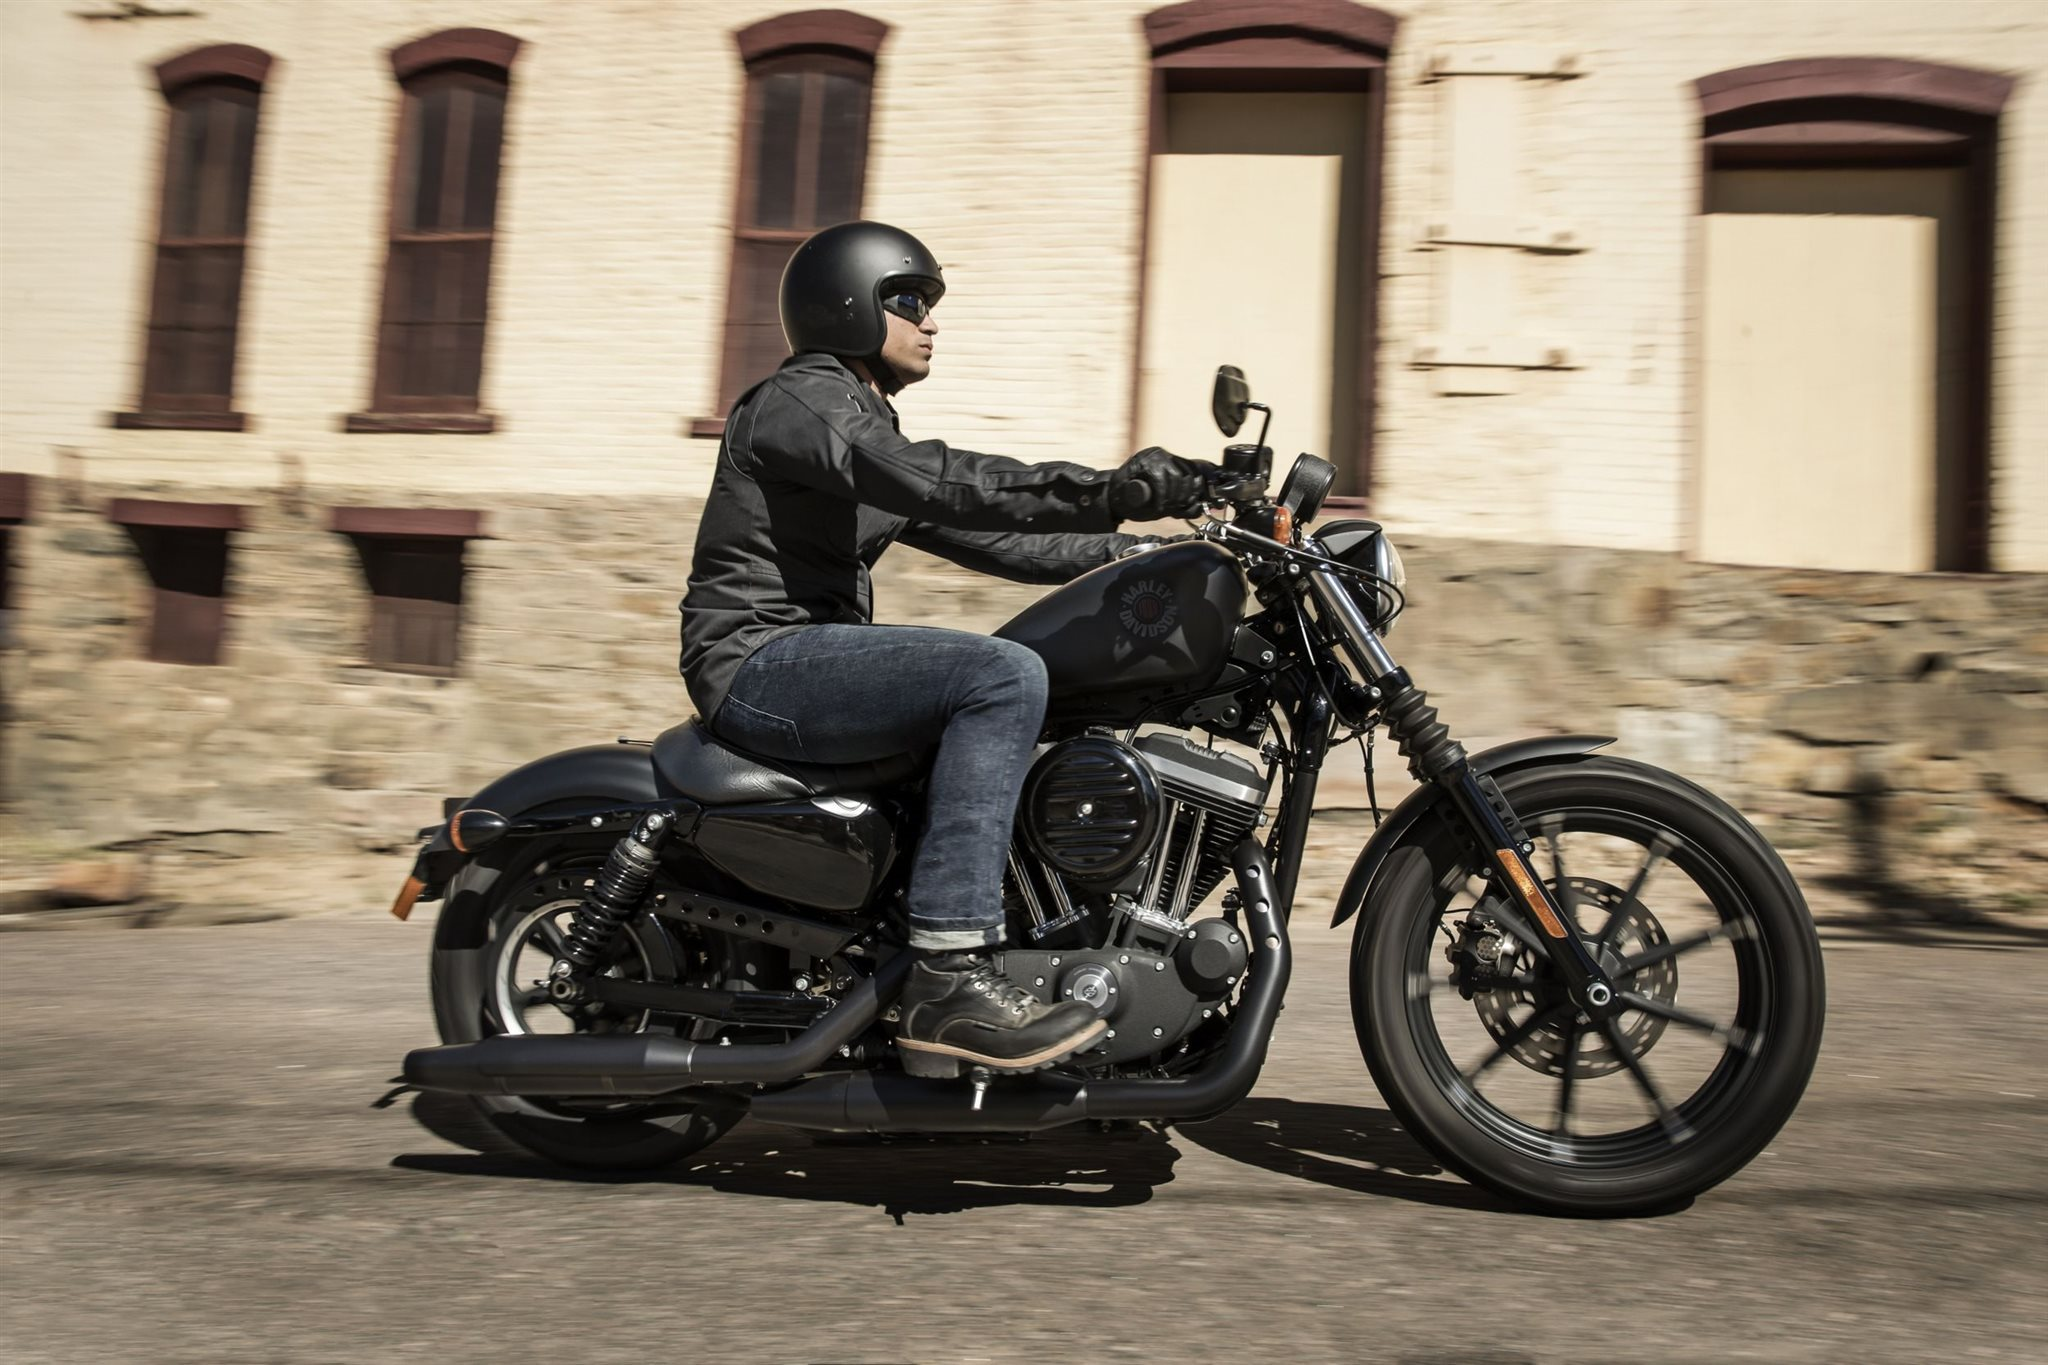 Harley davidson iron 883 kaufen